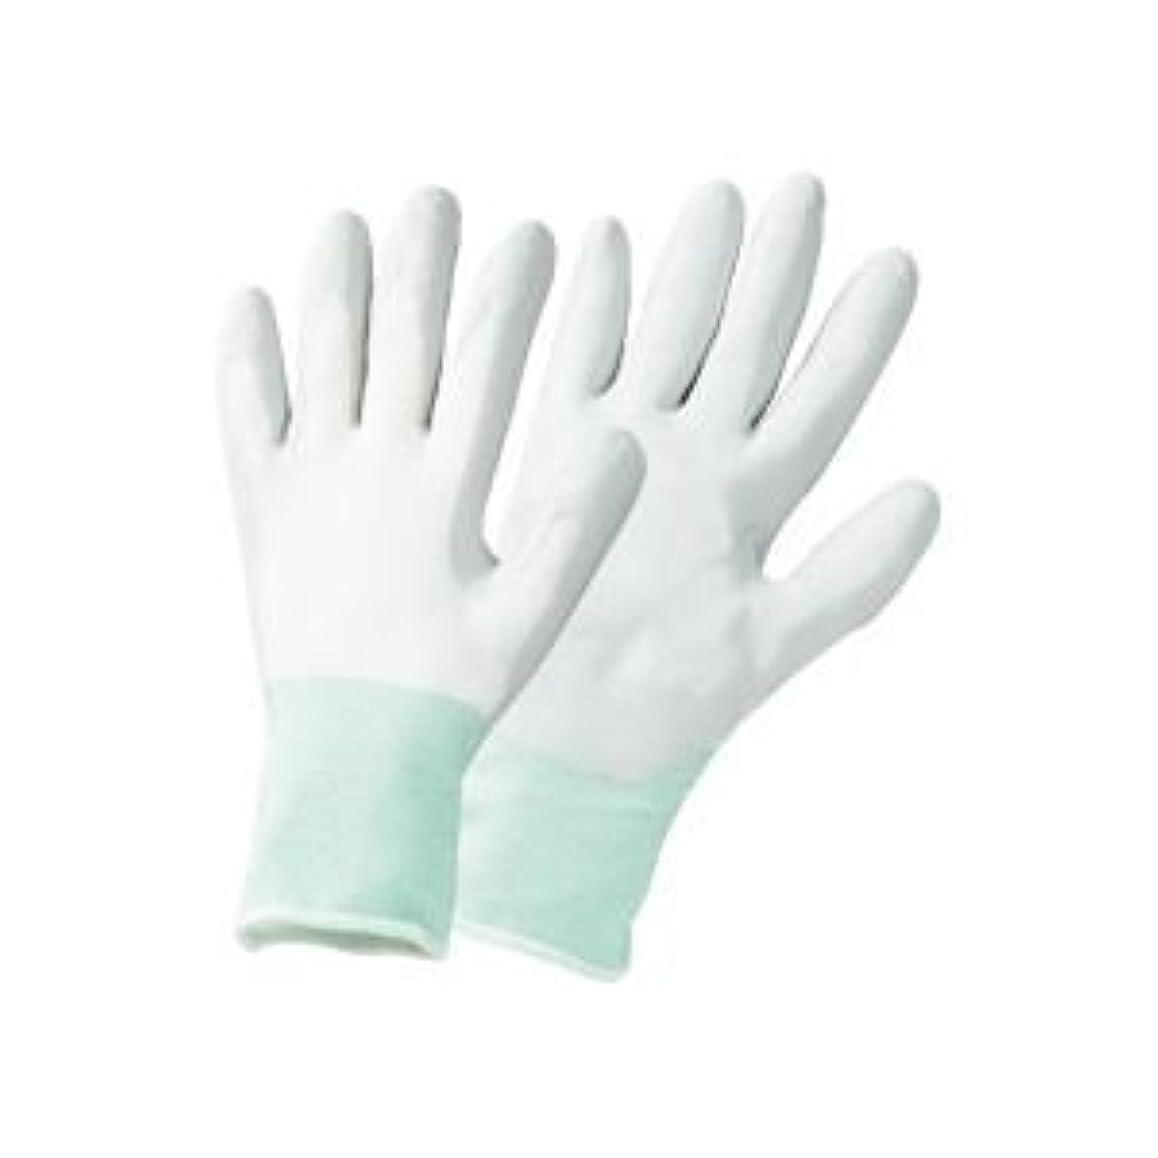 リーダーシップ七面鳥橋脚(まとめ) TANOSEE ニトリルゴム手袋薄手 L グレー 1パック(5双) 【×5セット】 ds-1577018